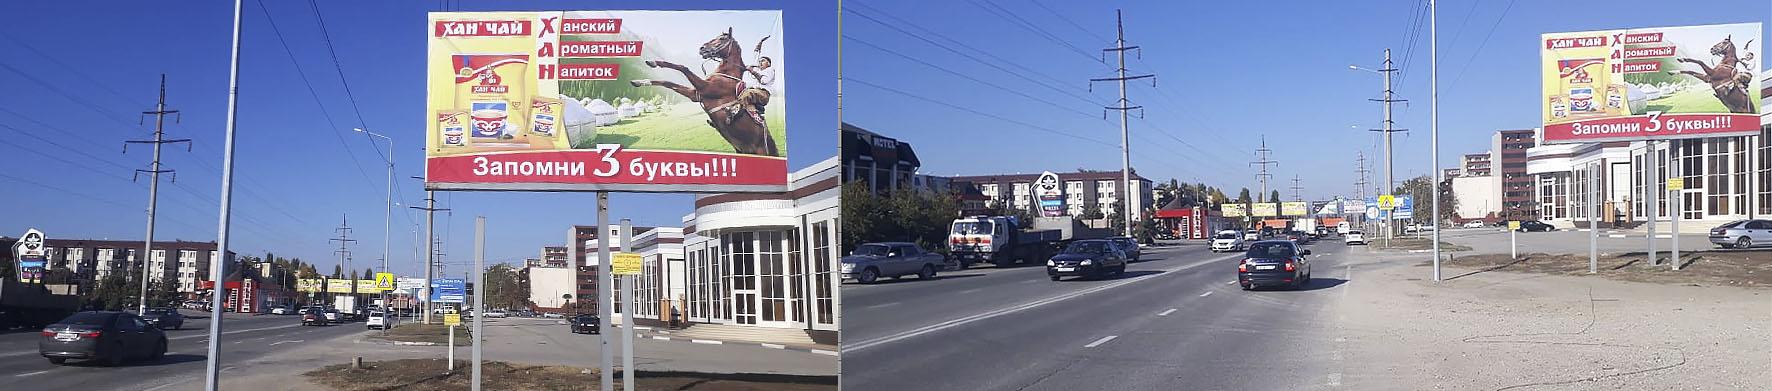 Реклама на билбордах в Грозном Чечня